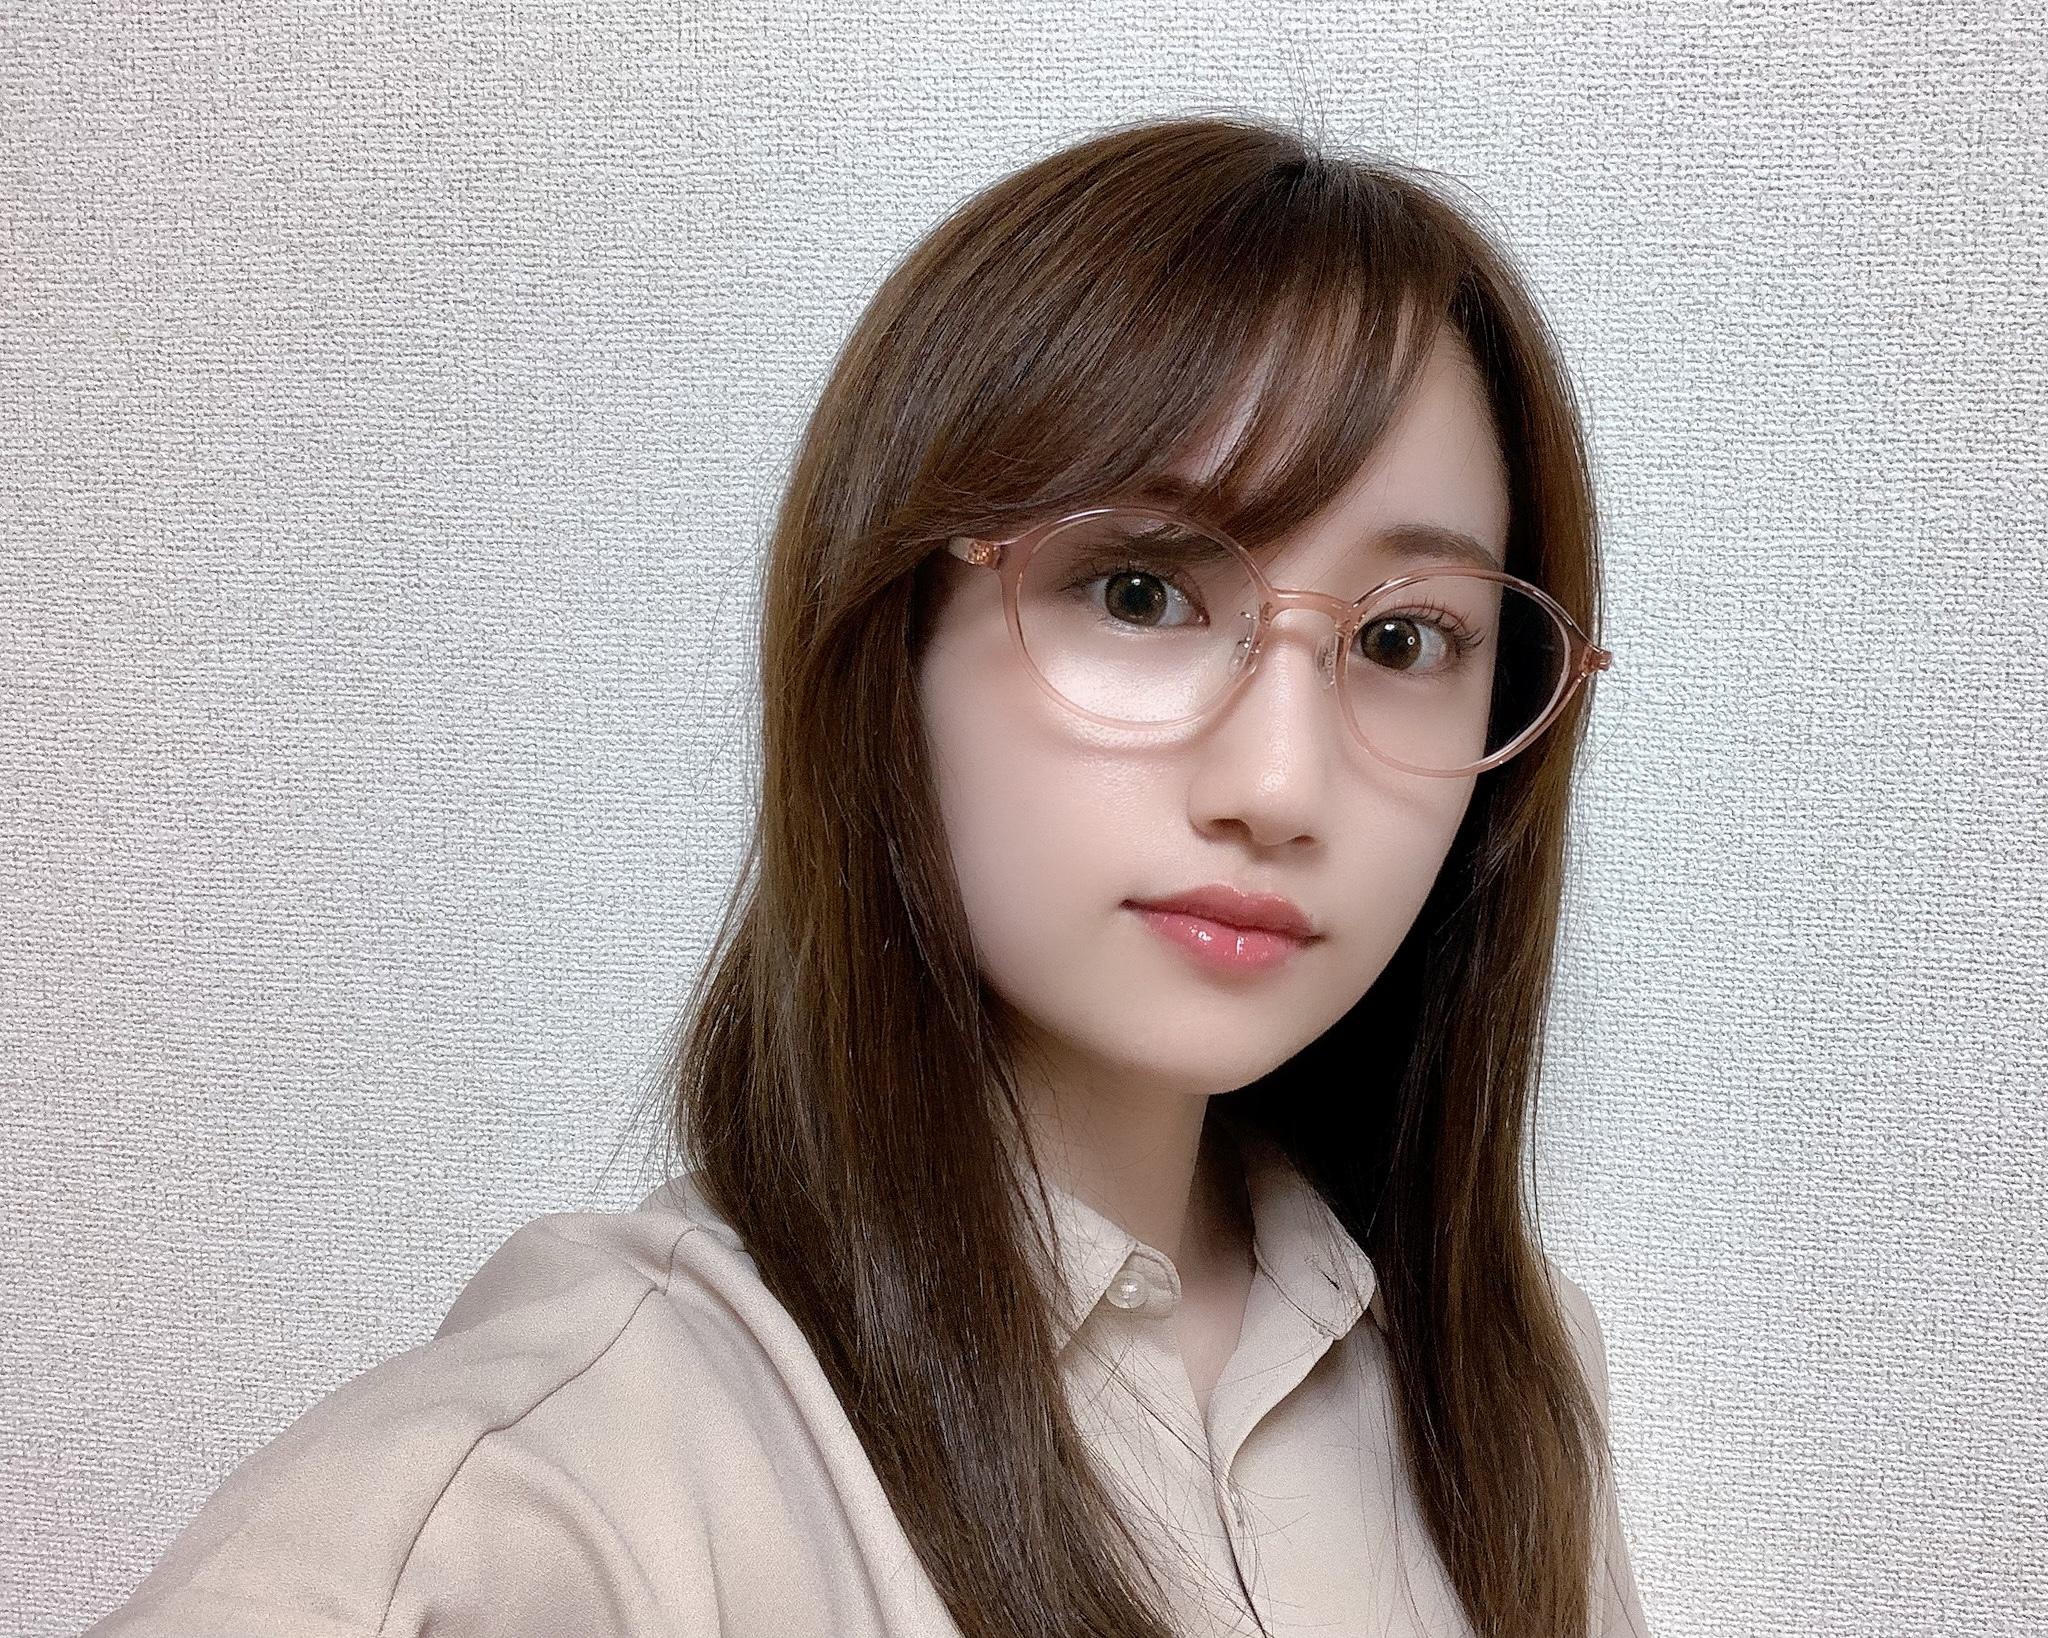 【メガネ主体のメイクが可愛い】JINS×イガリシノブのメーキャップメガネ_3